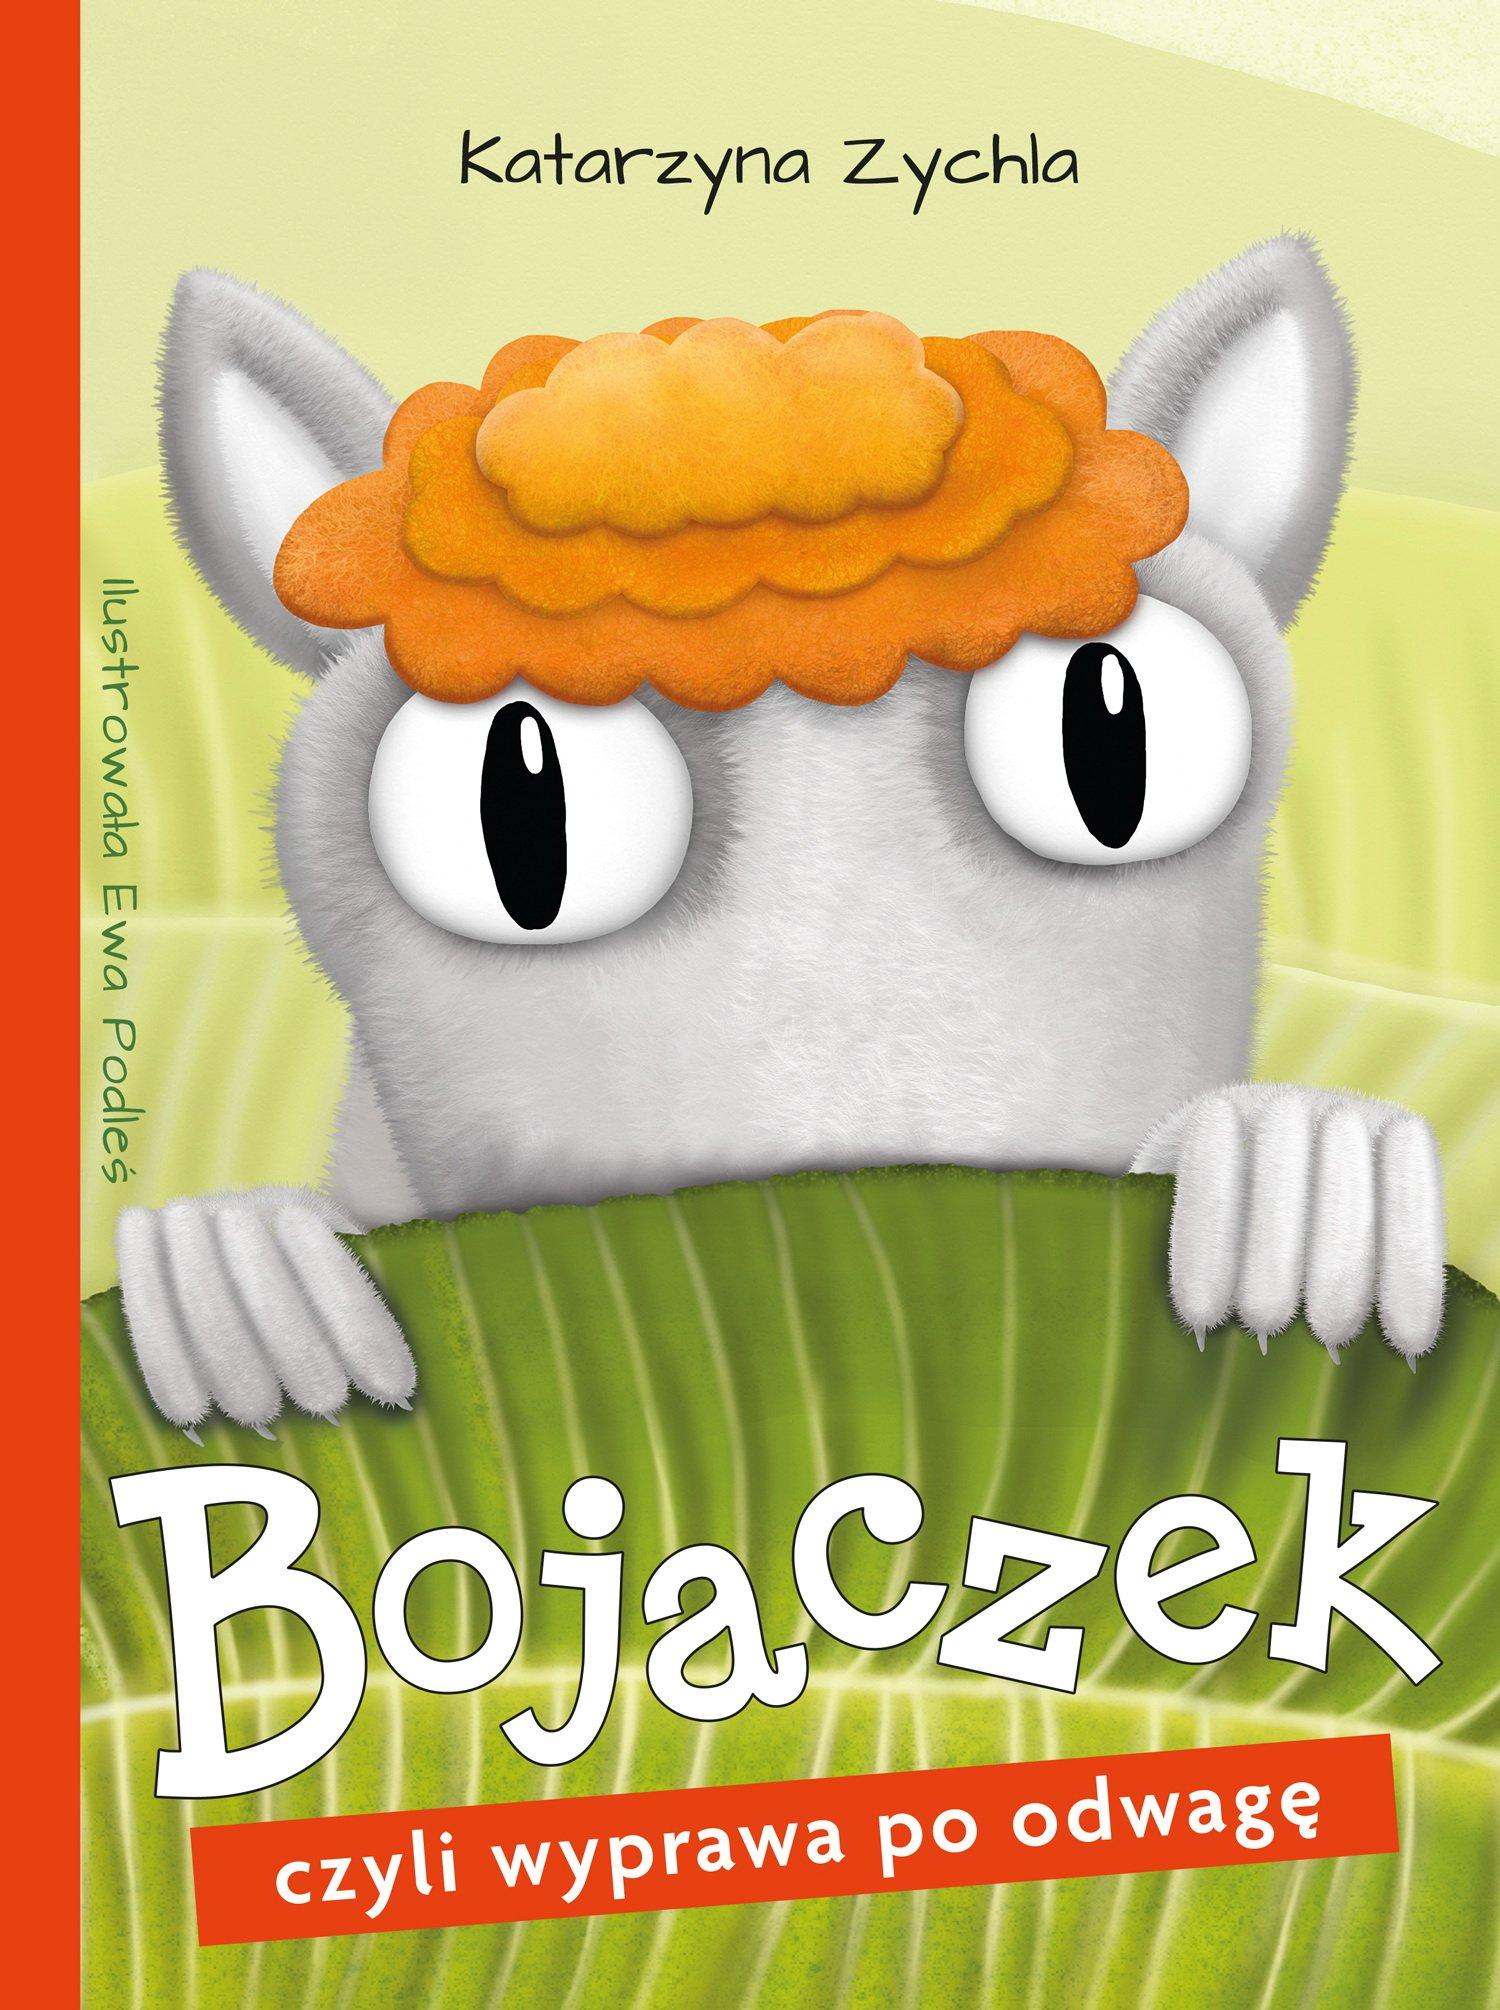 Bojaczek, czyli wyprawa po odwagę książka dla dzieci wydawnictwa skrzat